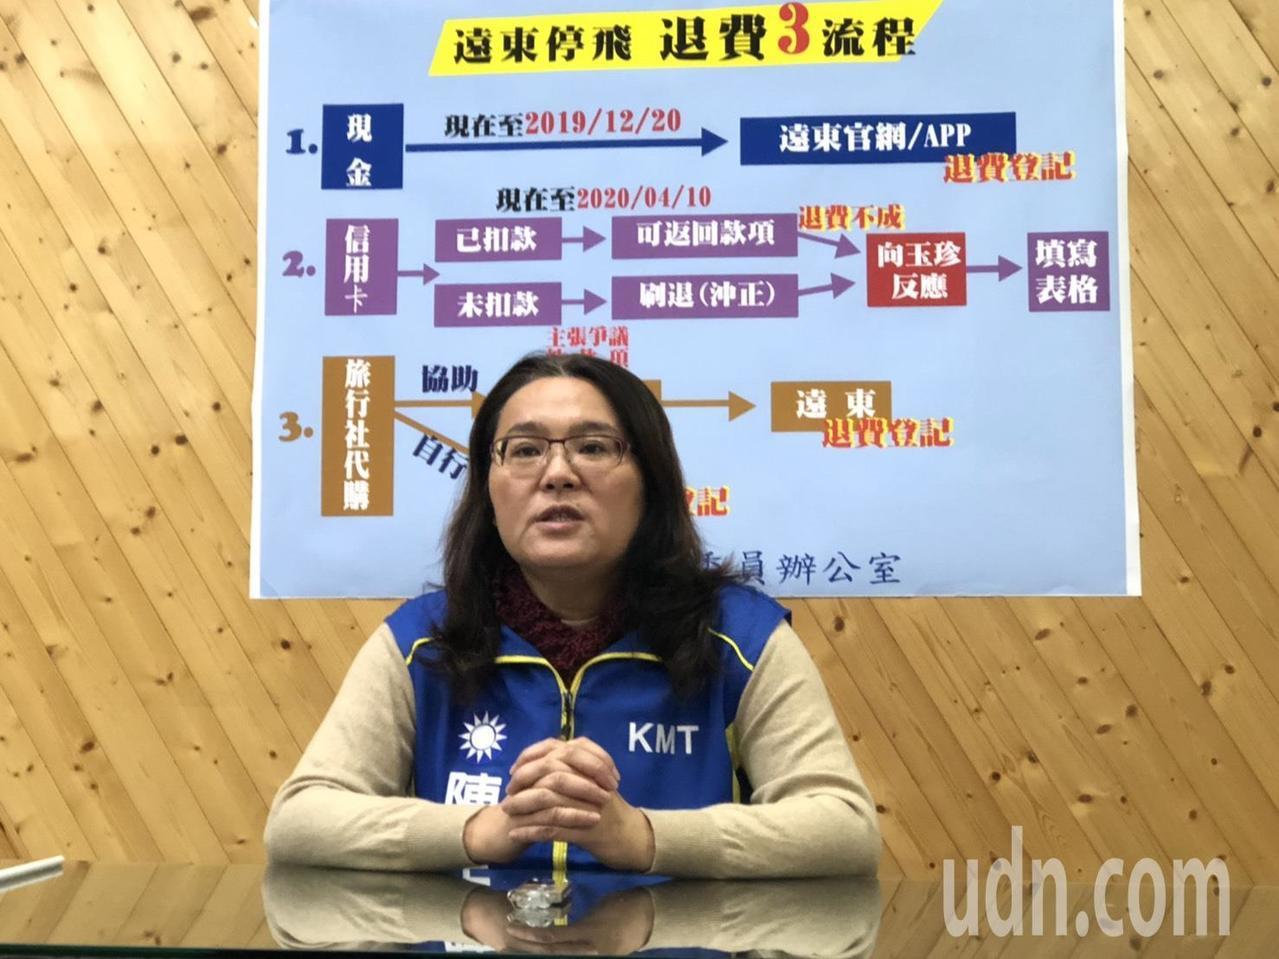 立委陳玉珍表示,單單昨天就收到及回覆了5000則line,她回訊就回到今天凌晨1...